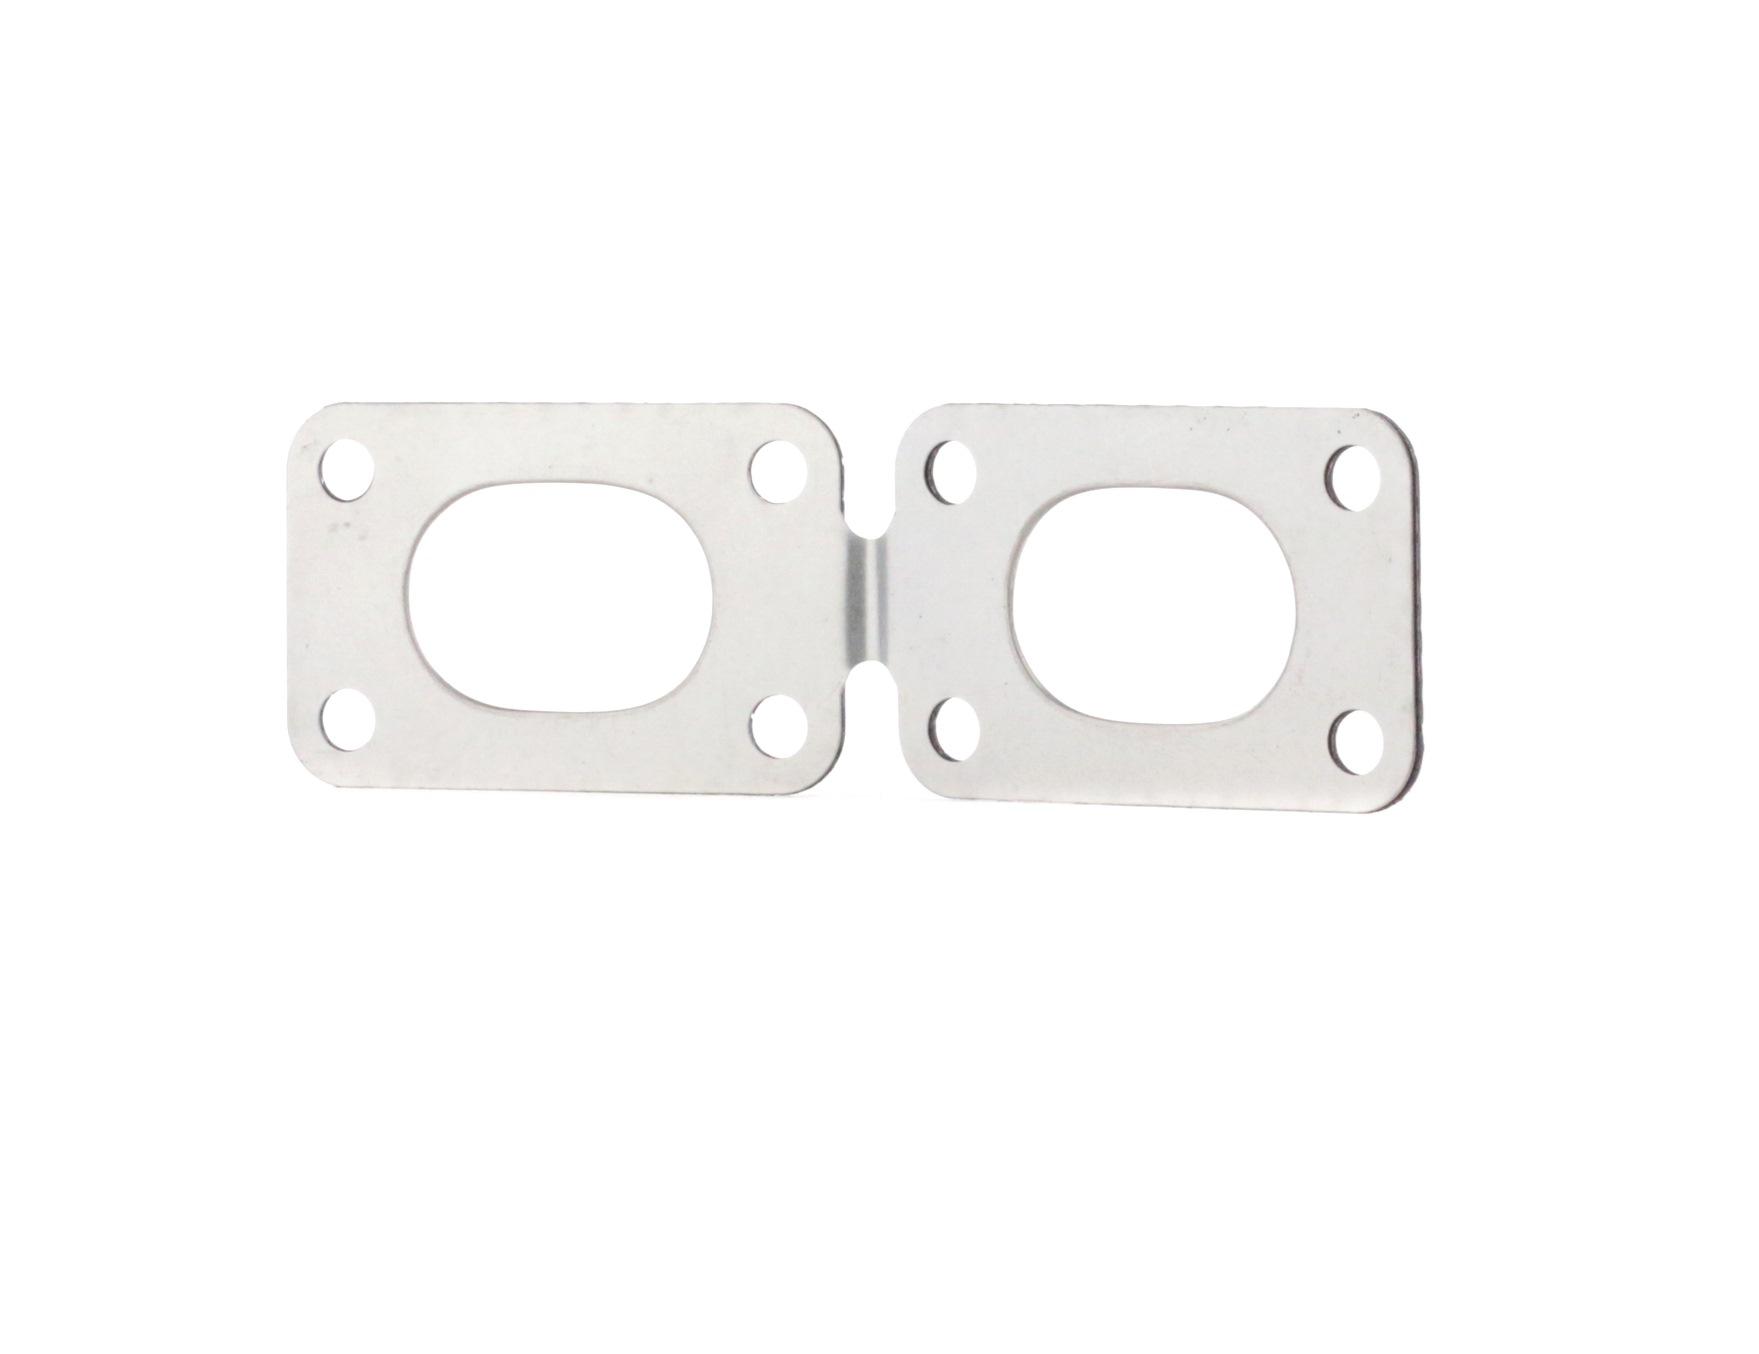 Prstence těsnění 410-001 s vynikajícím poměrem mezi cenou a FA1 kvalitou